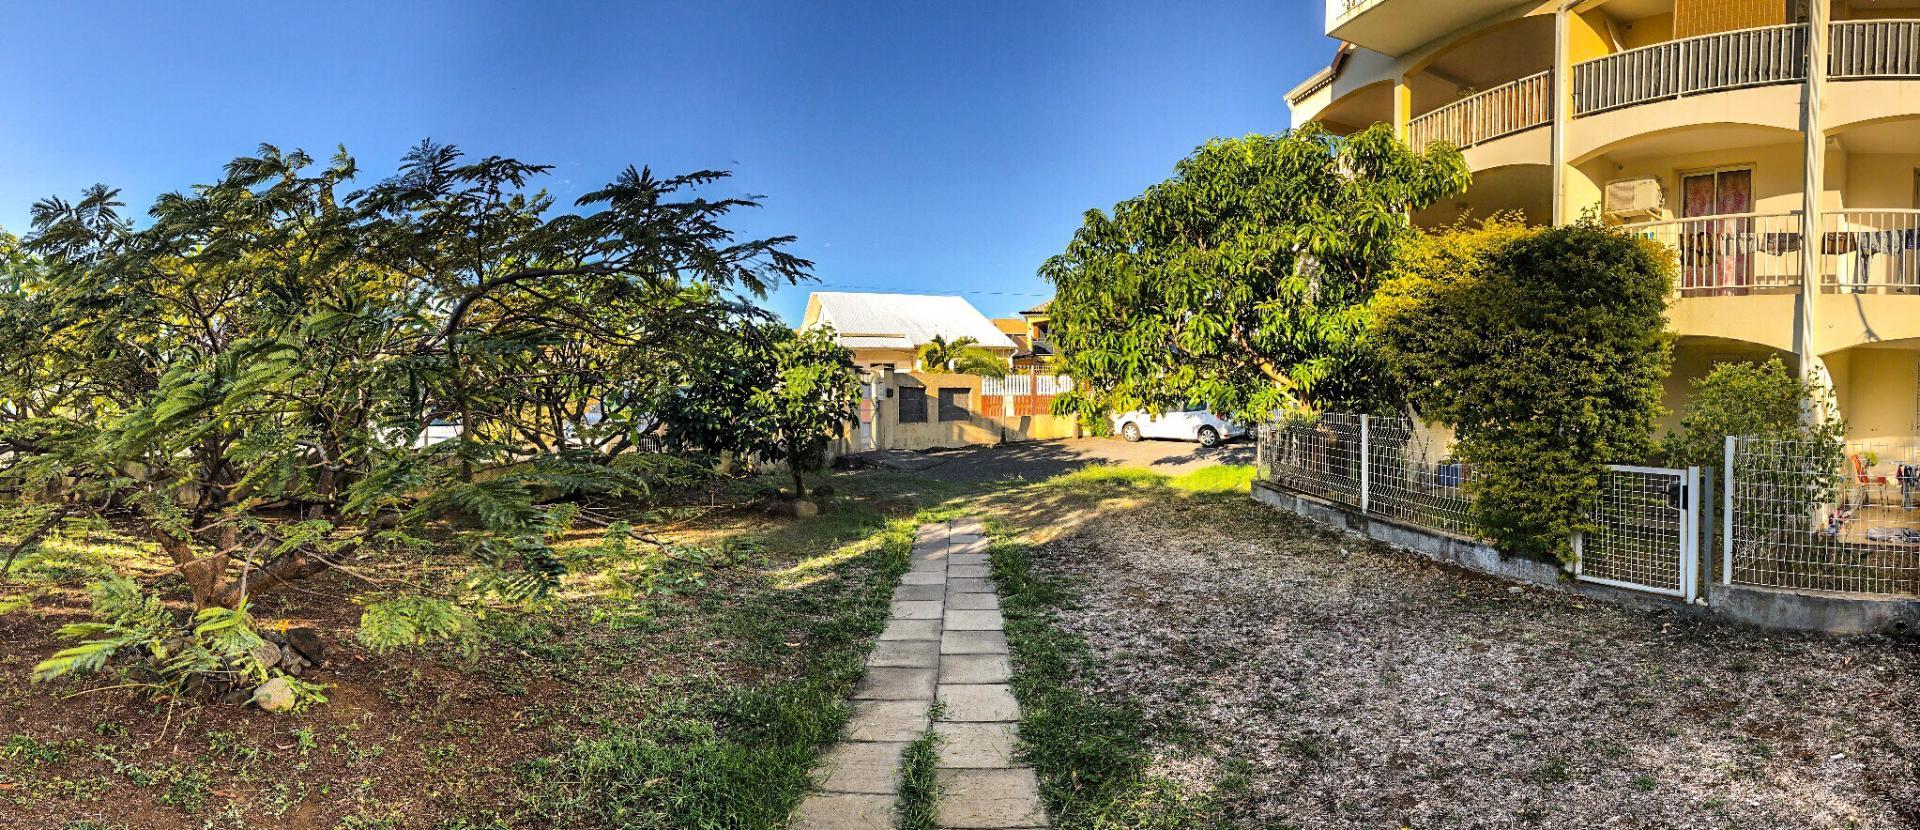 Appartement T3 en rez-de-jardin SAINT LOUIS (RÉUNION)